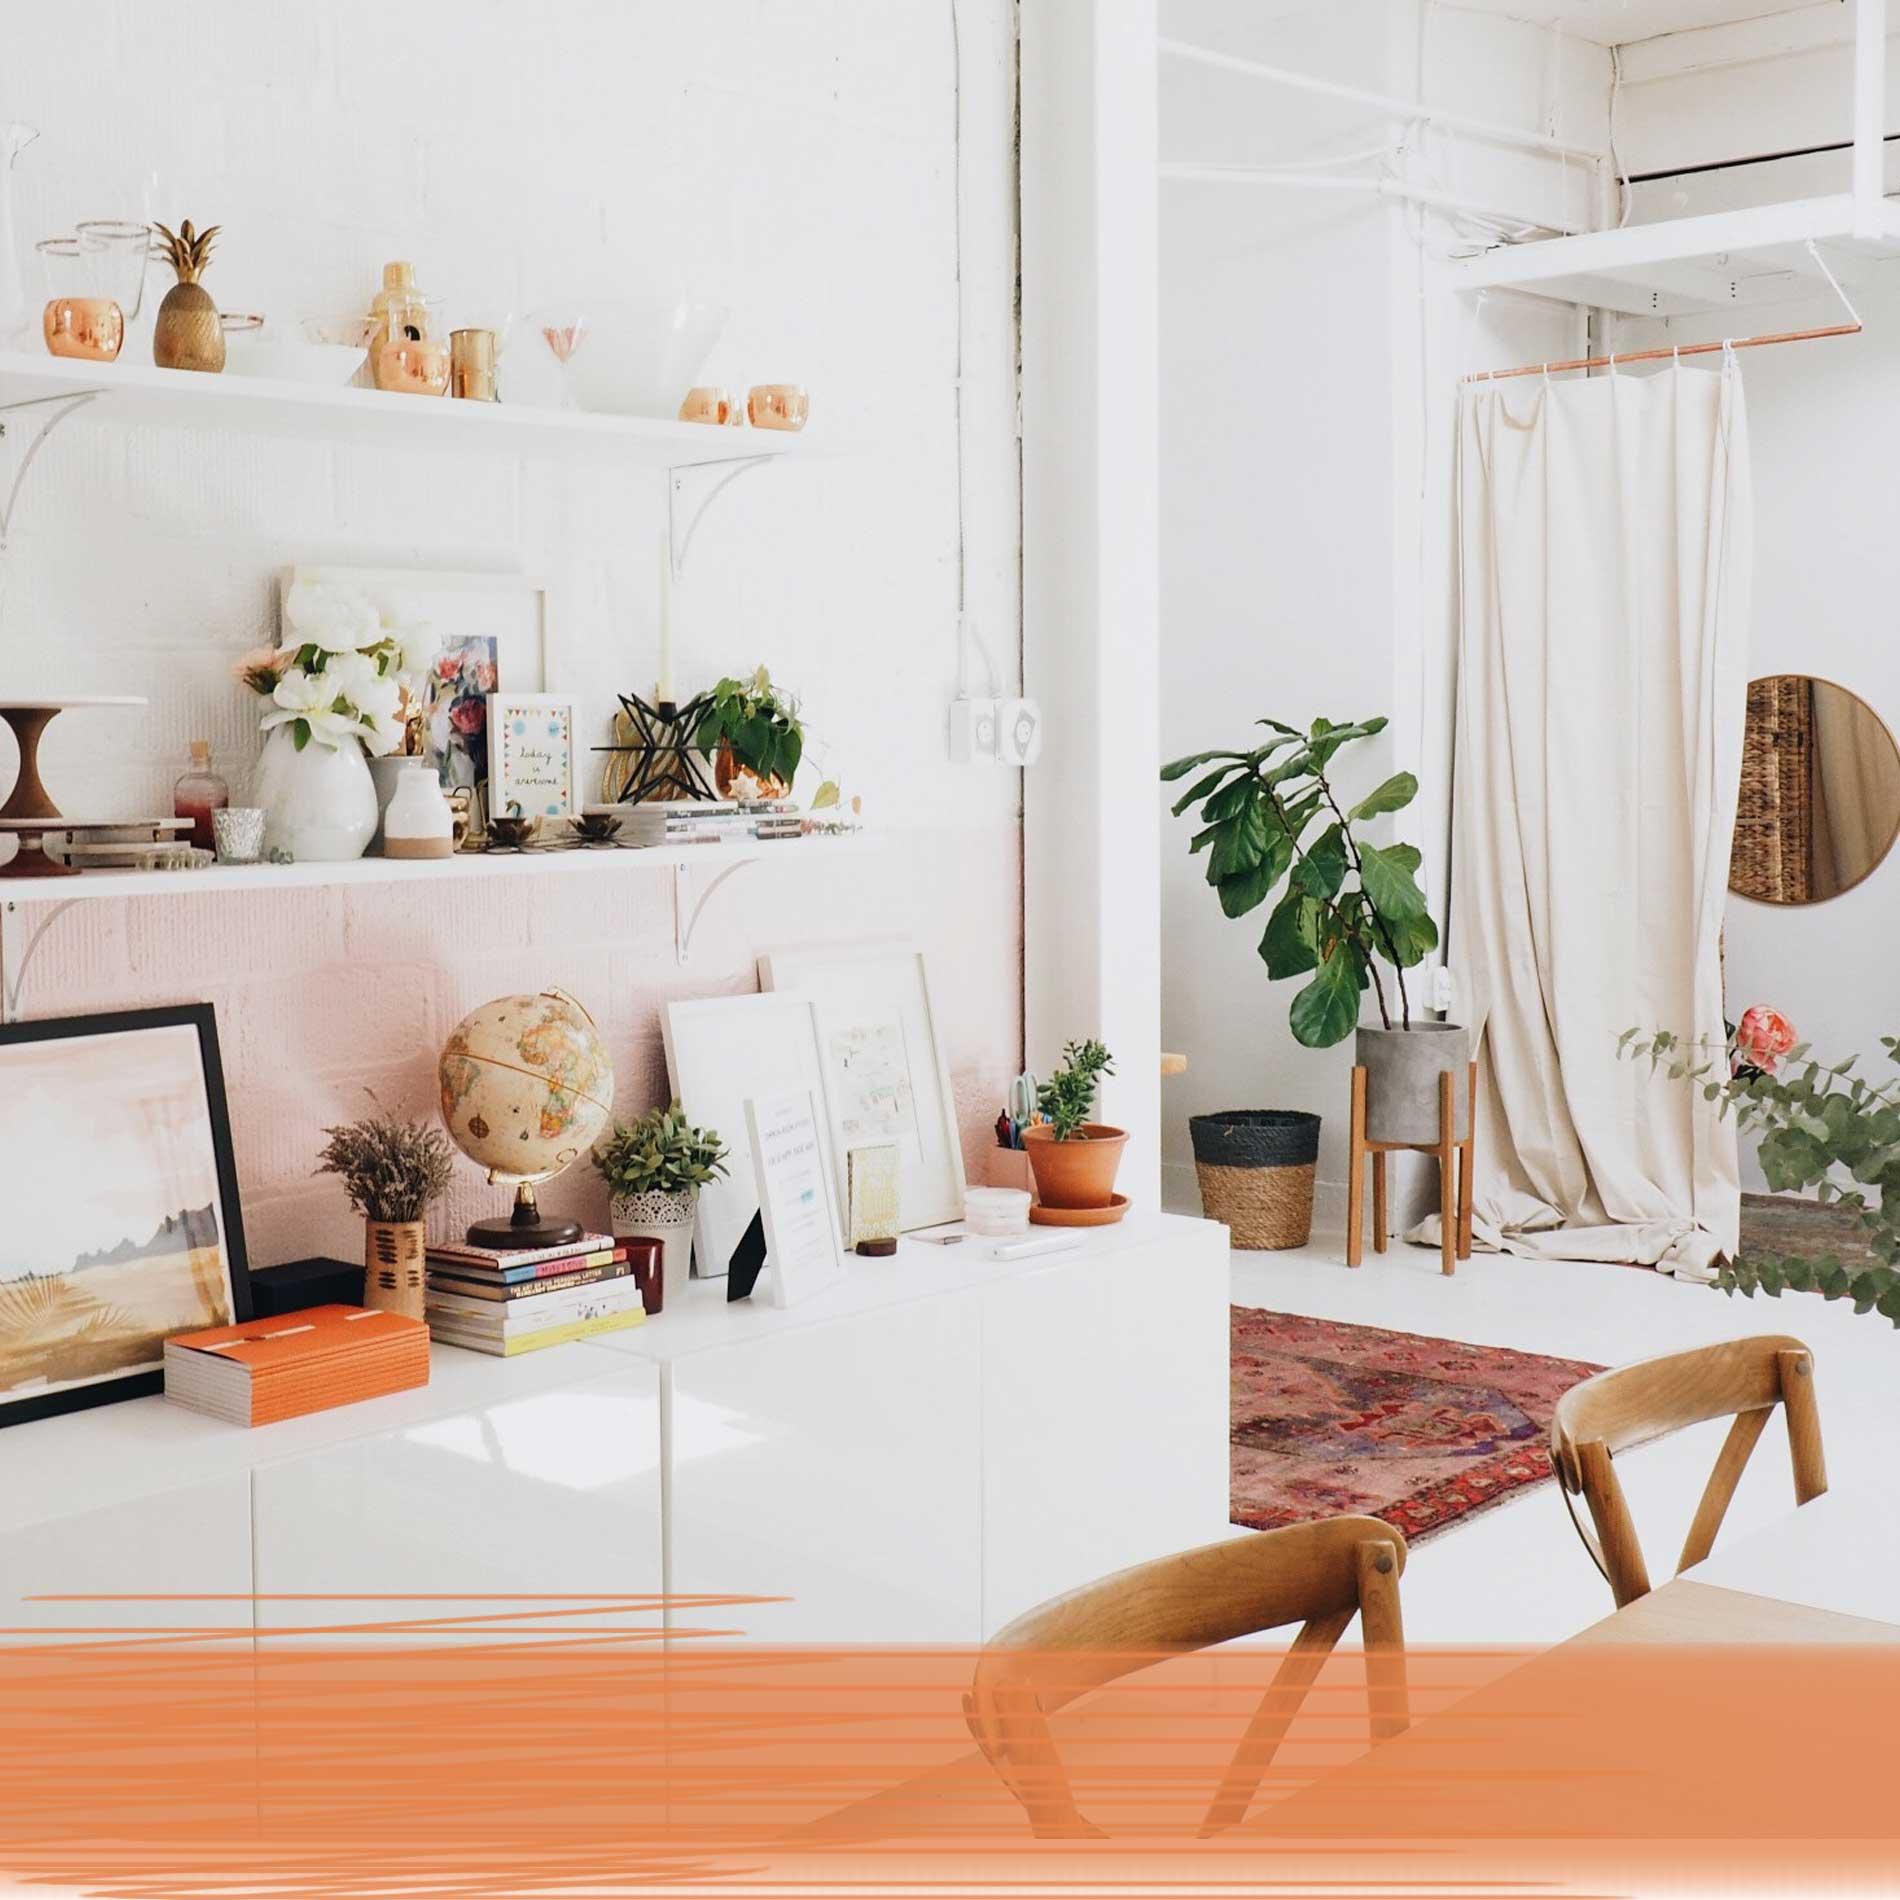 Herbst Highlights für Zuhause, Home & Interior, Interior Shopping, Herbstdekoration für Zuhause, Wohnen, Leben, Einrichtung, Möbel, Interior Inspiration,